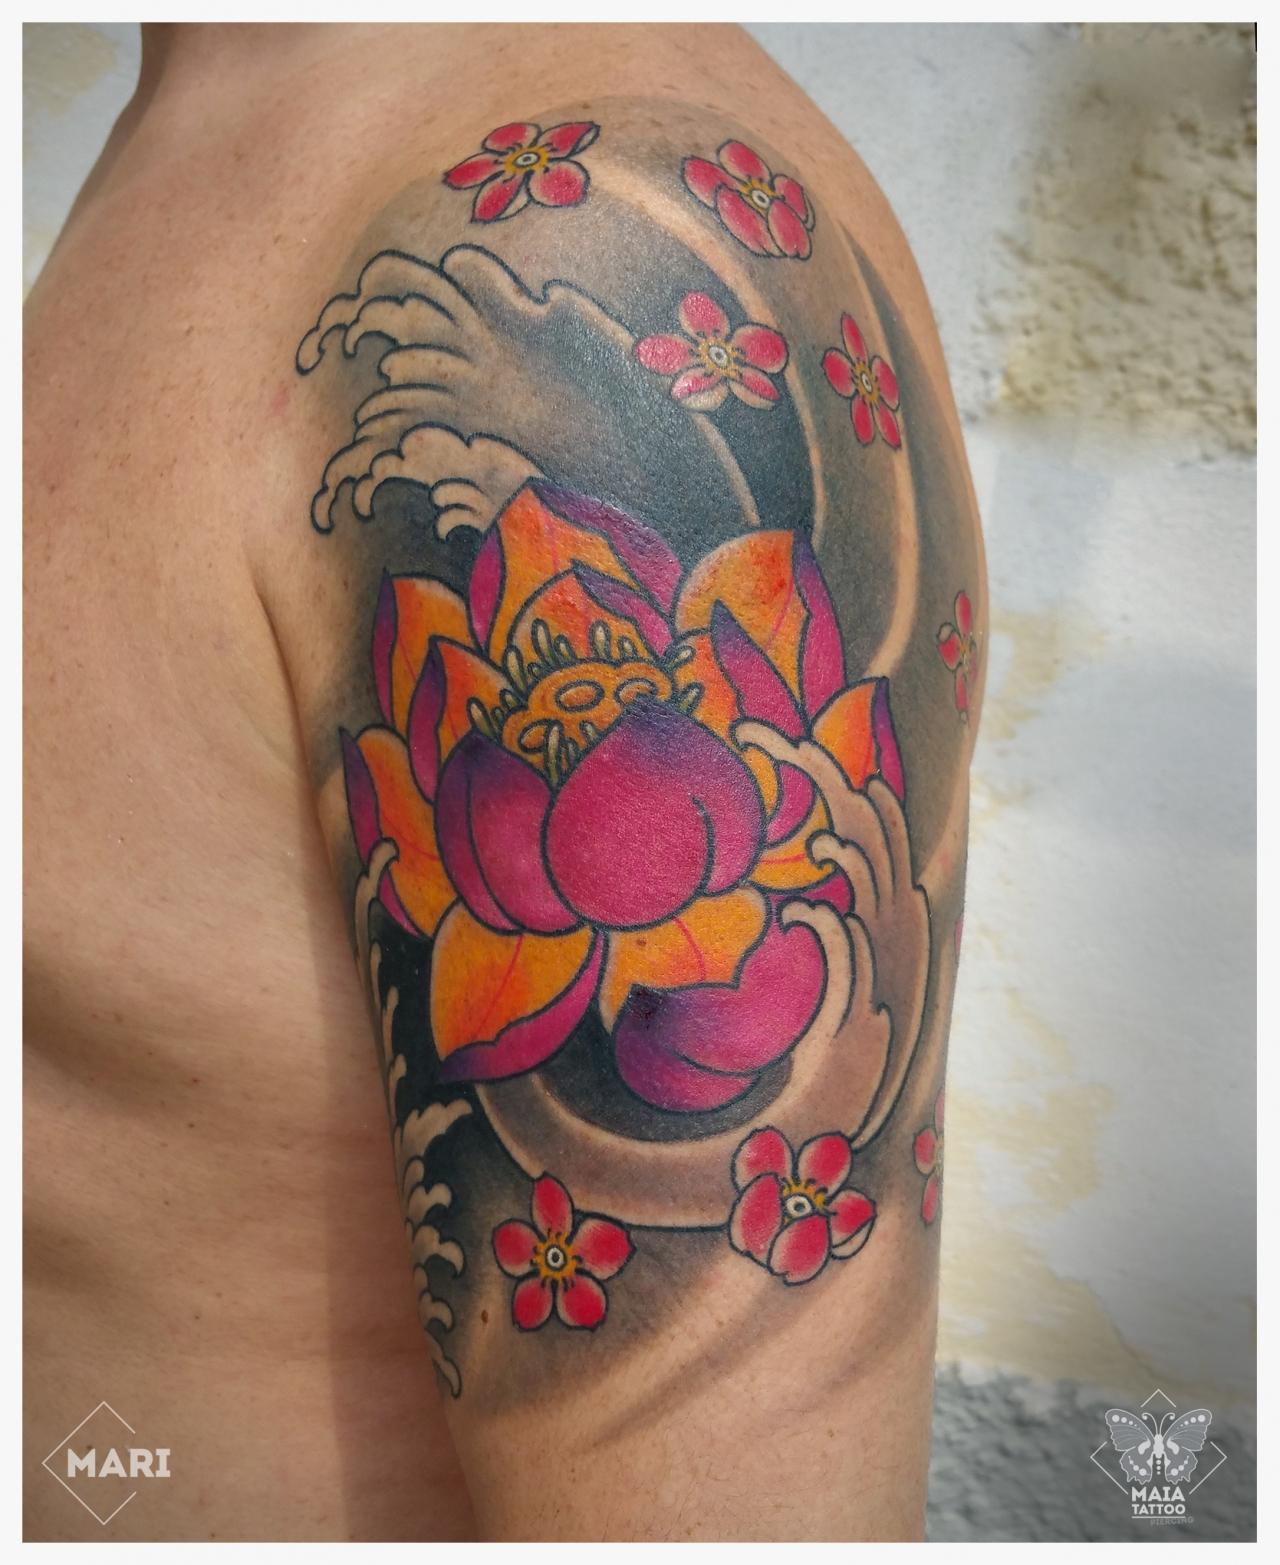 Maia Tattoo Tatuaggio In Stile Giapponese Su Braccio Con